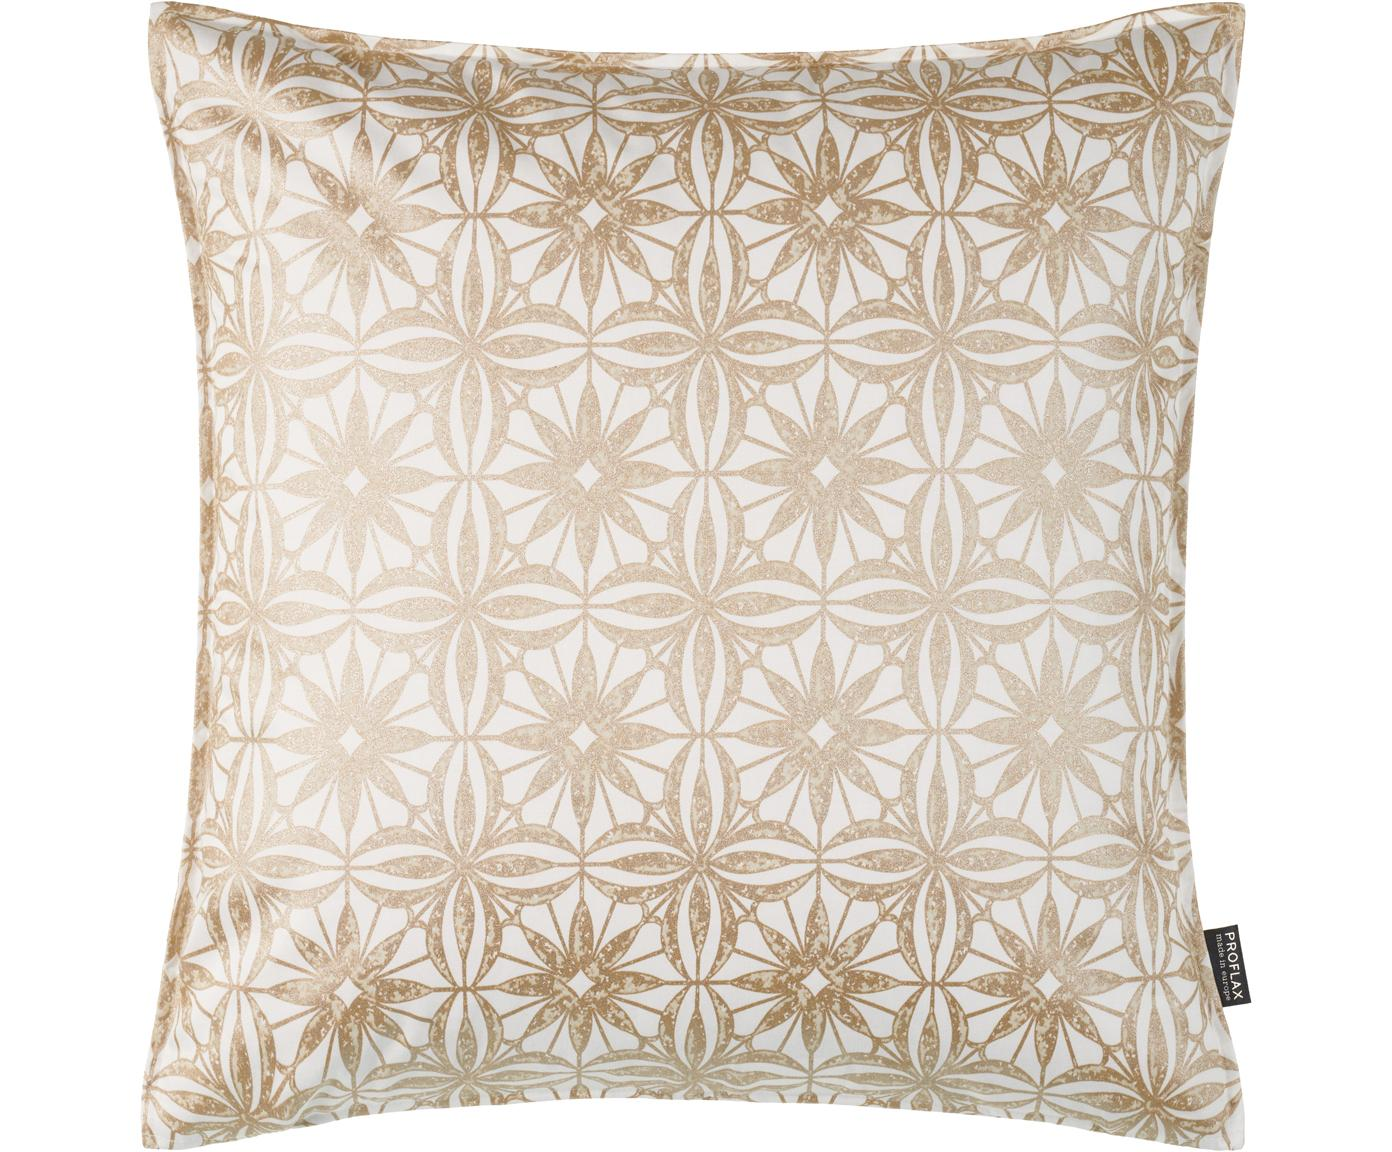 Kissenhülle Alexis mit Muster in Gold- und Beigetönen, Baumwolle, Weiß, Beige, Goldfarben, 50 x 50 cm